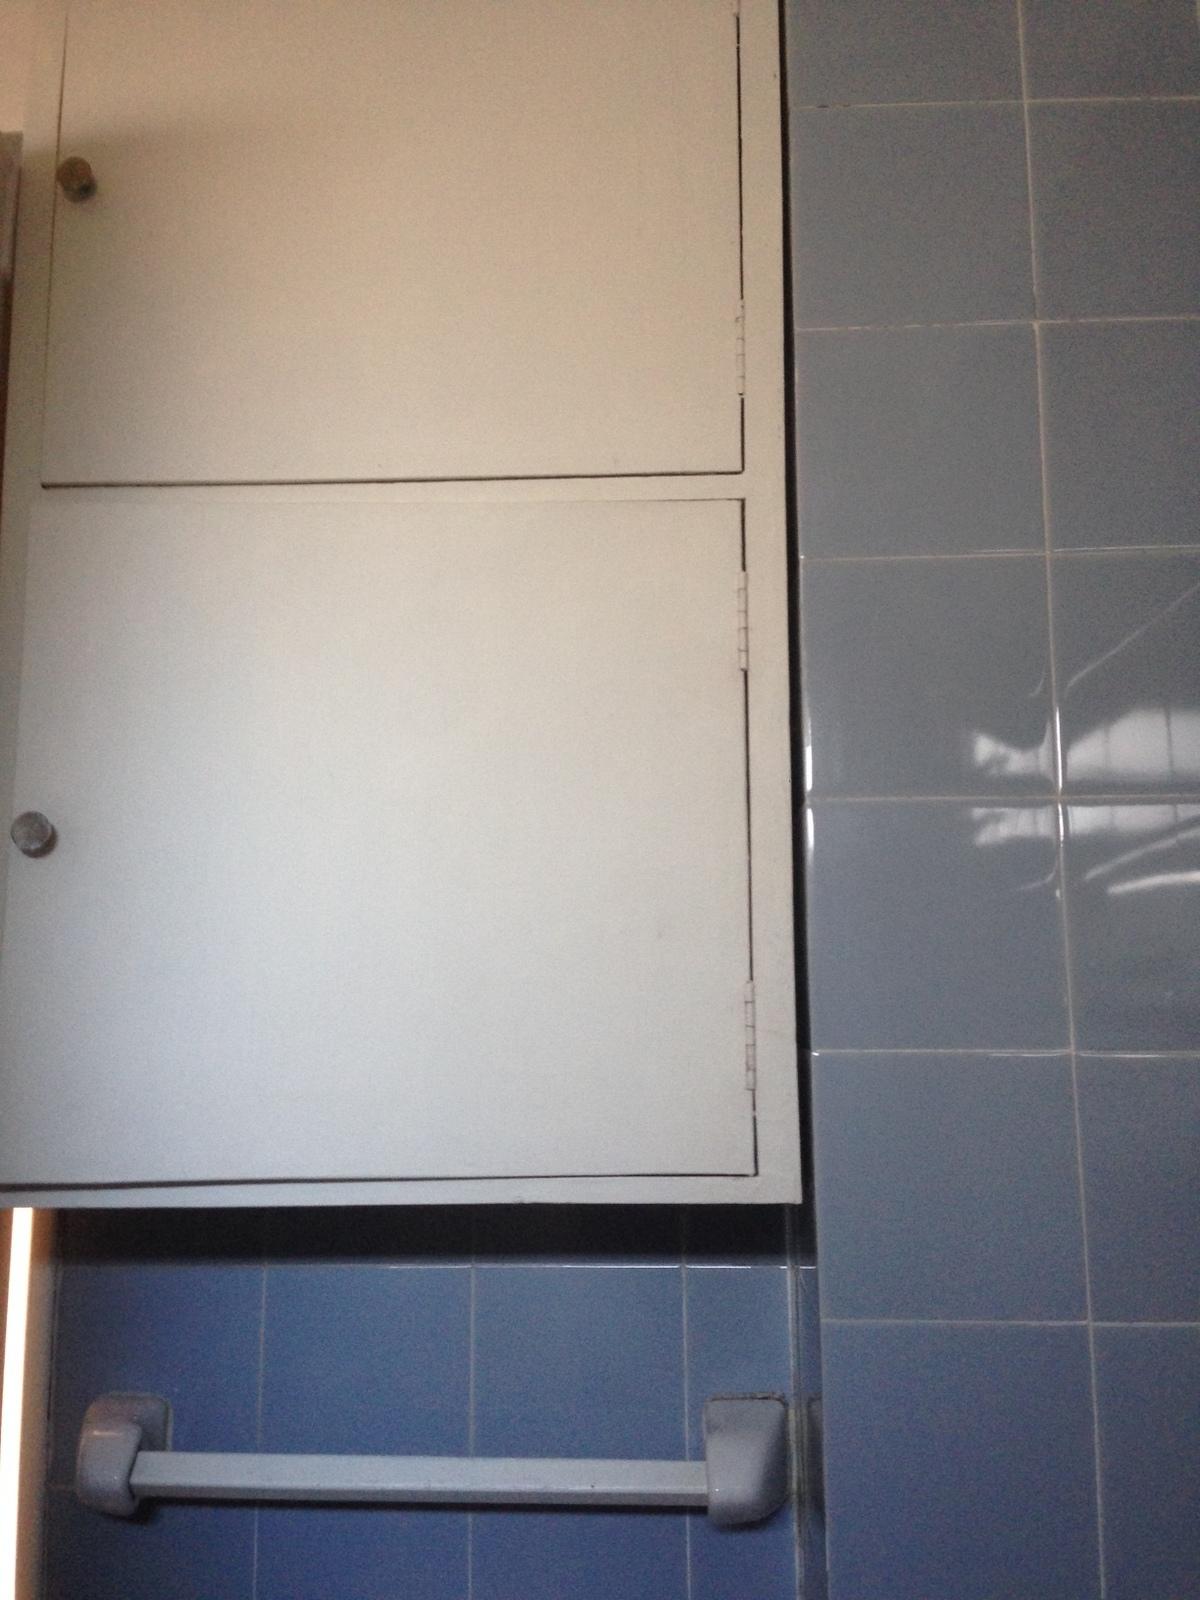 21 de 21: Baño mueble de guardado